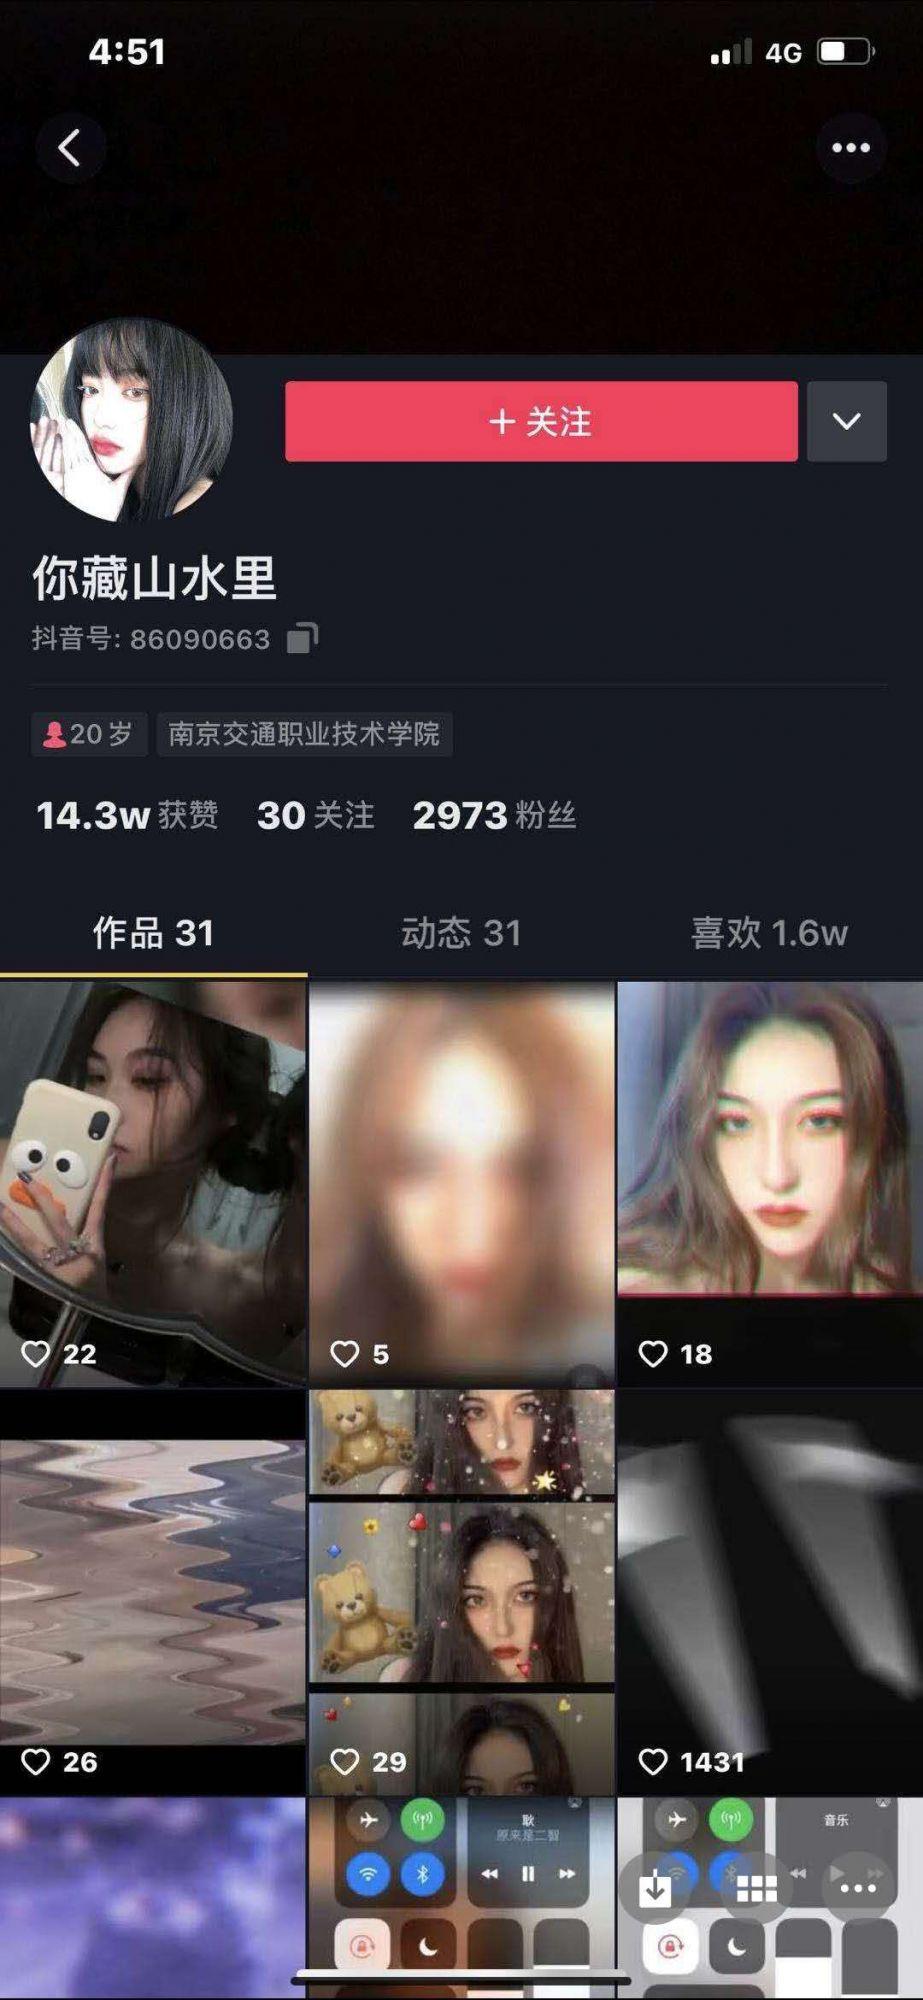 抖音 抖音又爆猛料,南京交通学校大二女运管4P事件(刘梦亿) 网络资源 第2张